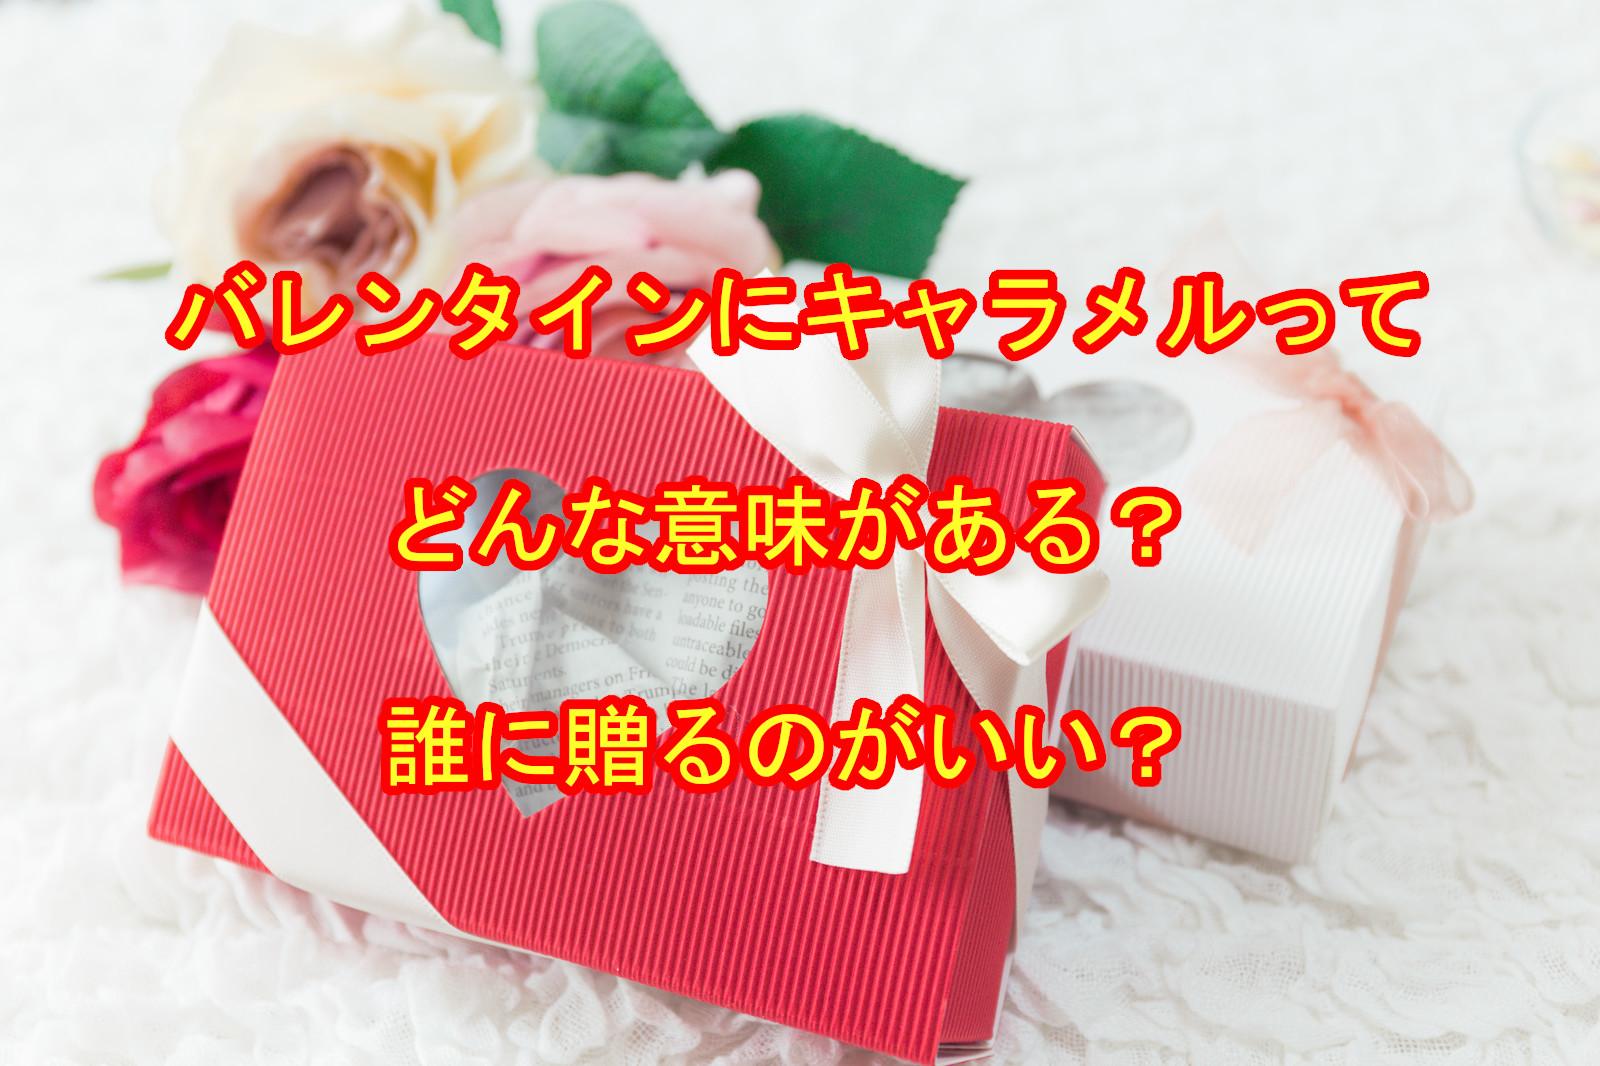 バレンタインにキャラメルの意味